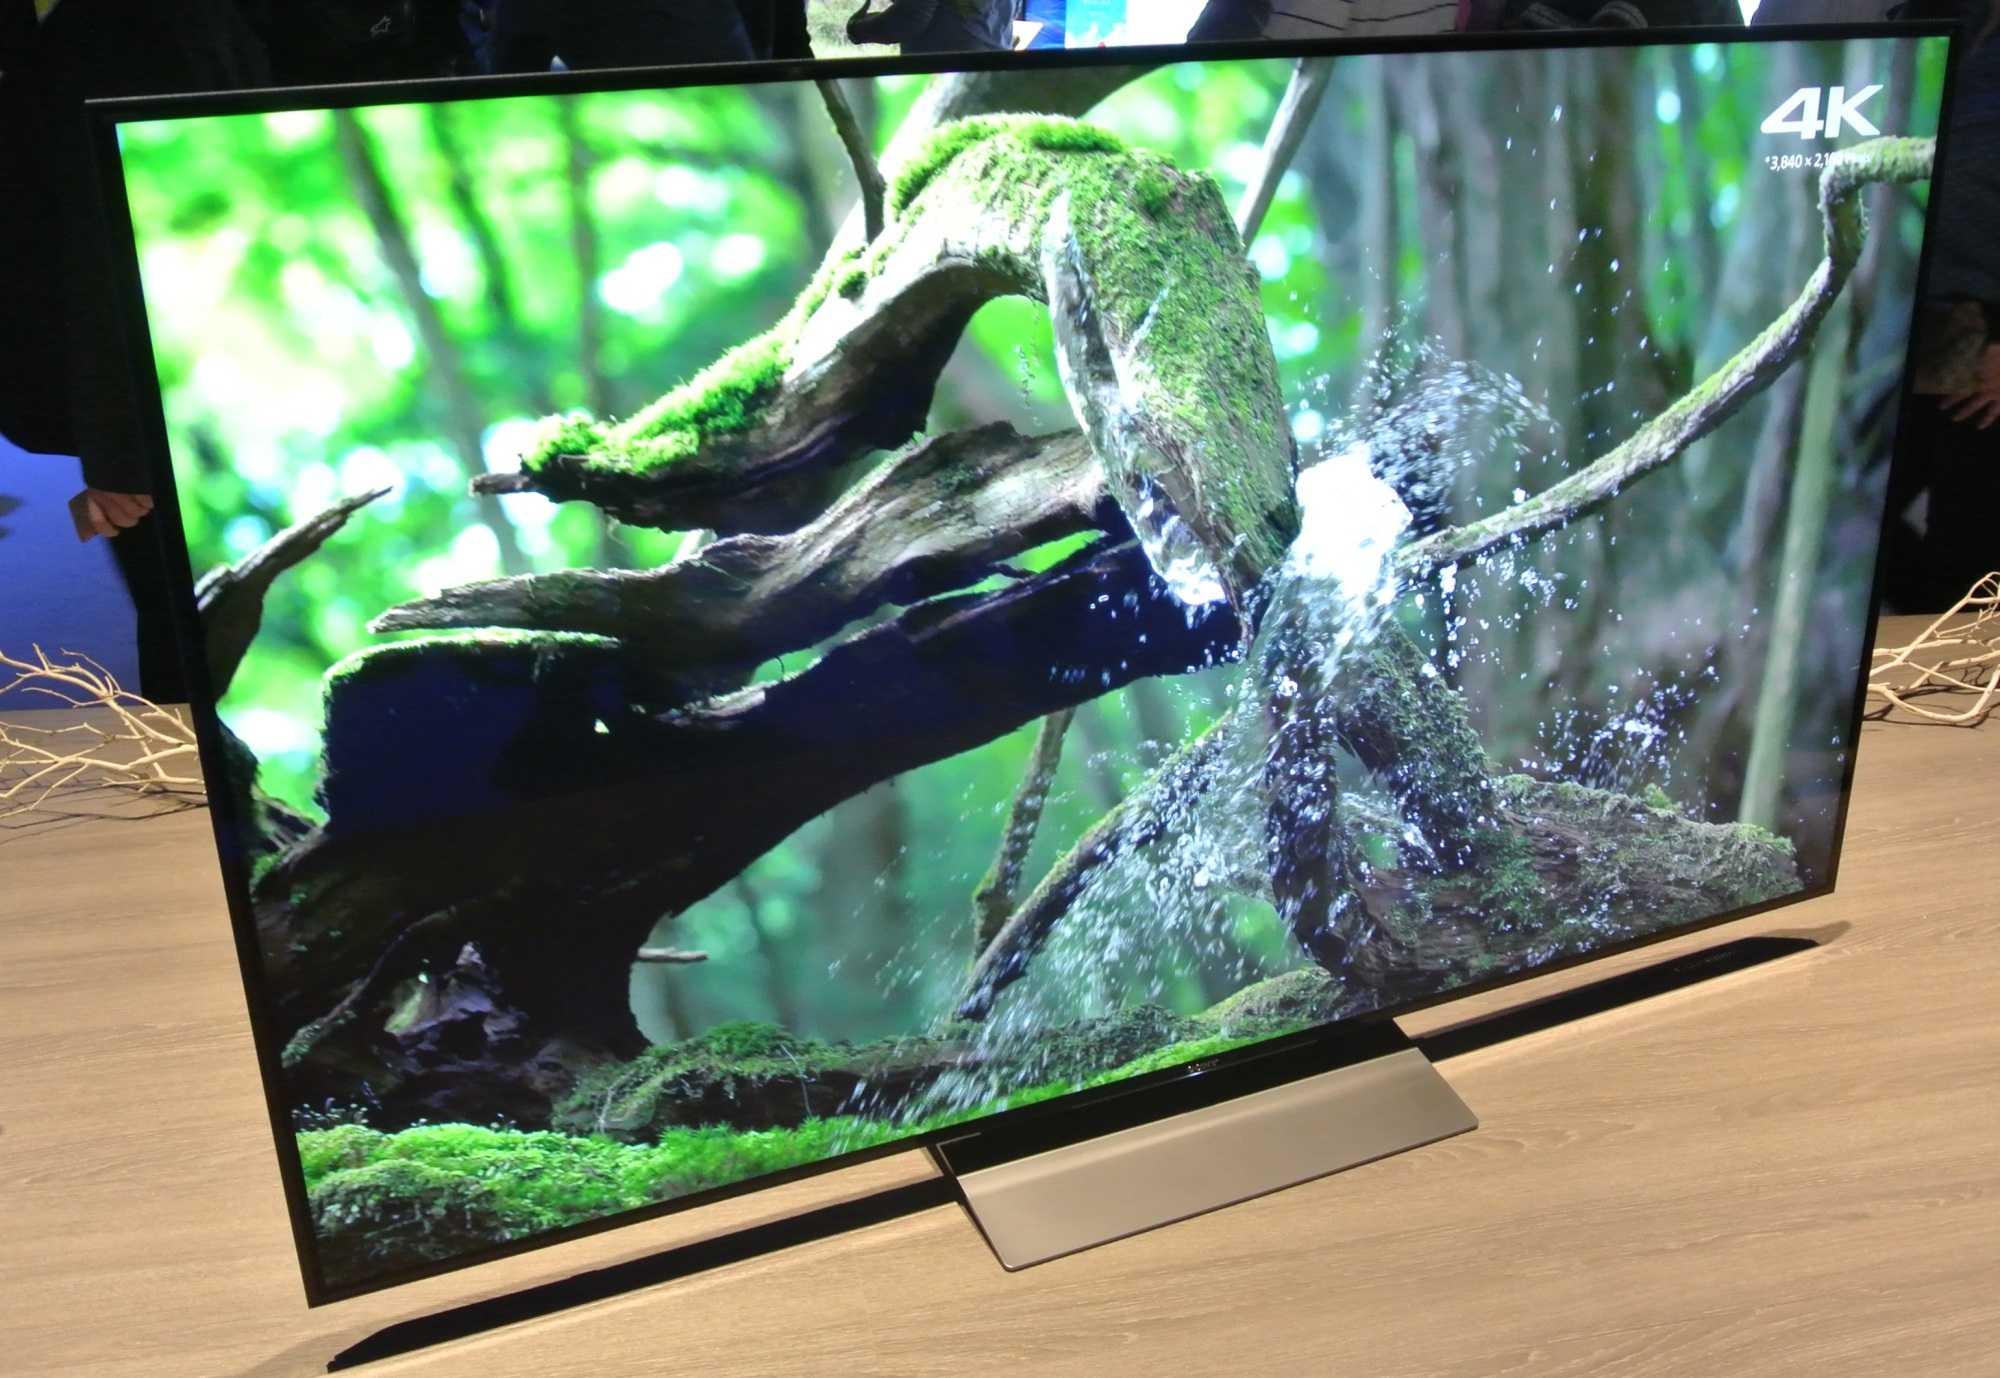 Die TVs der XD93-Serie gibt es in Größen ab 1,4 Metern und mit Android TV.